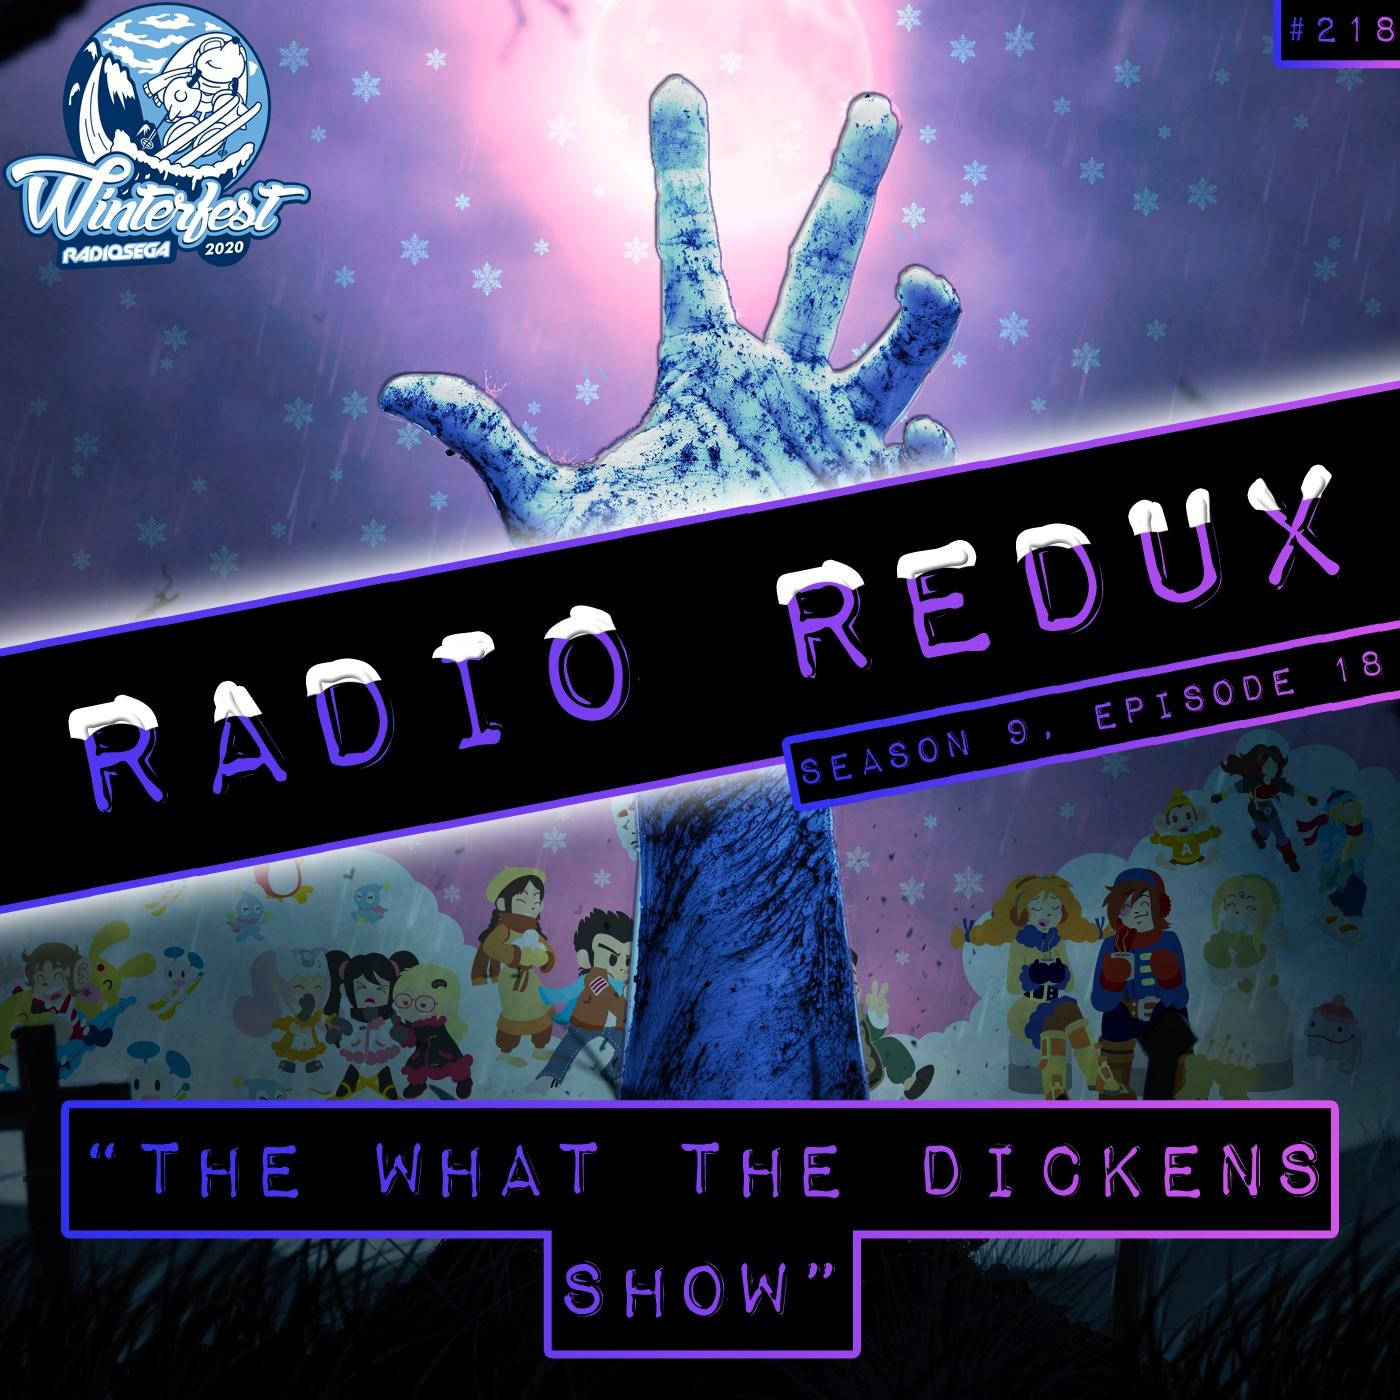 Radio Redux - 218 (S9, EP18)